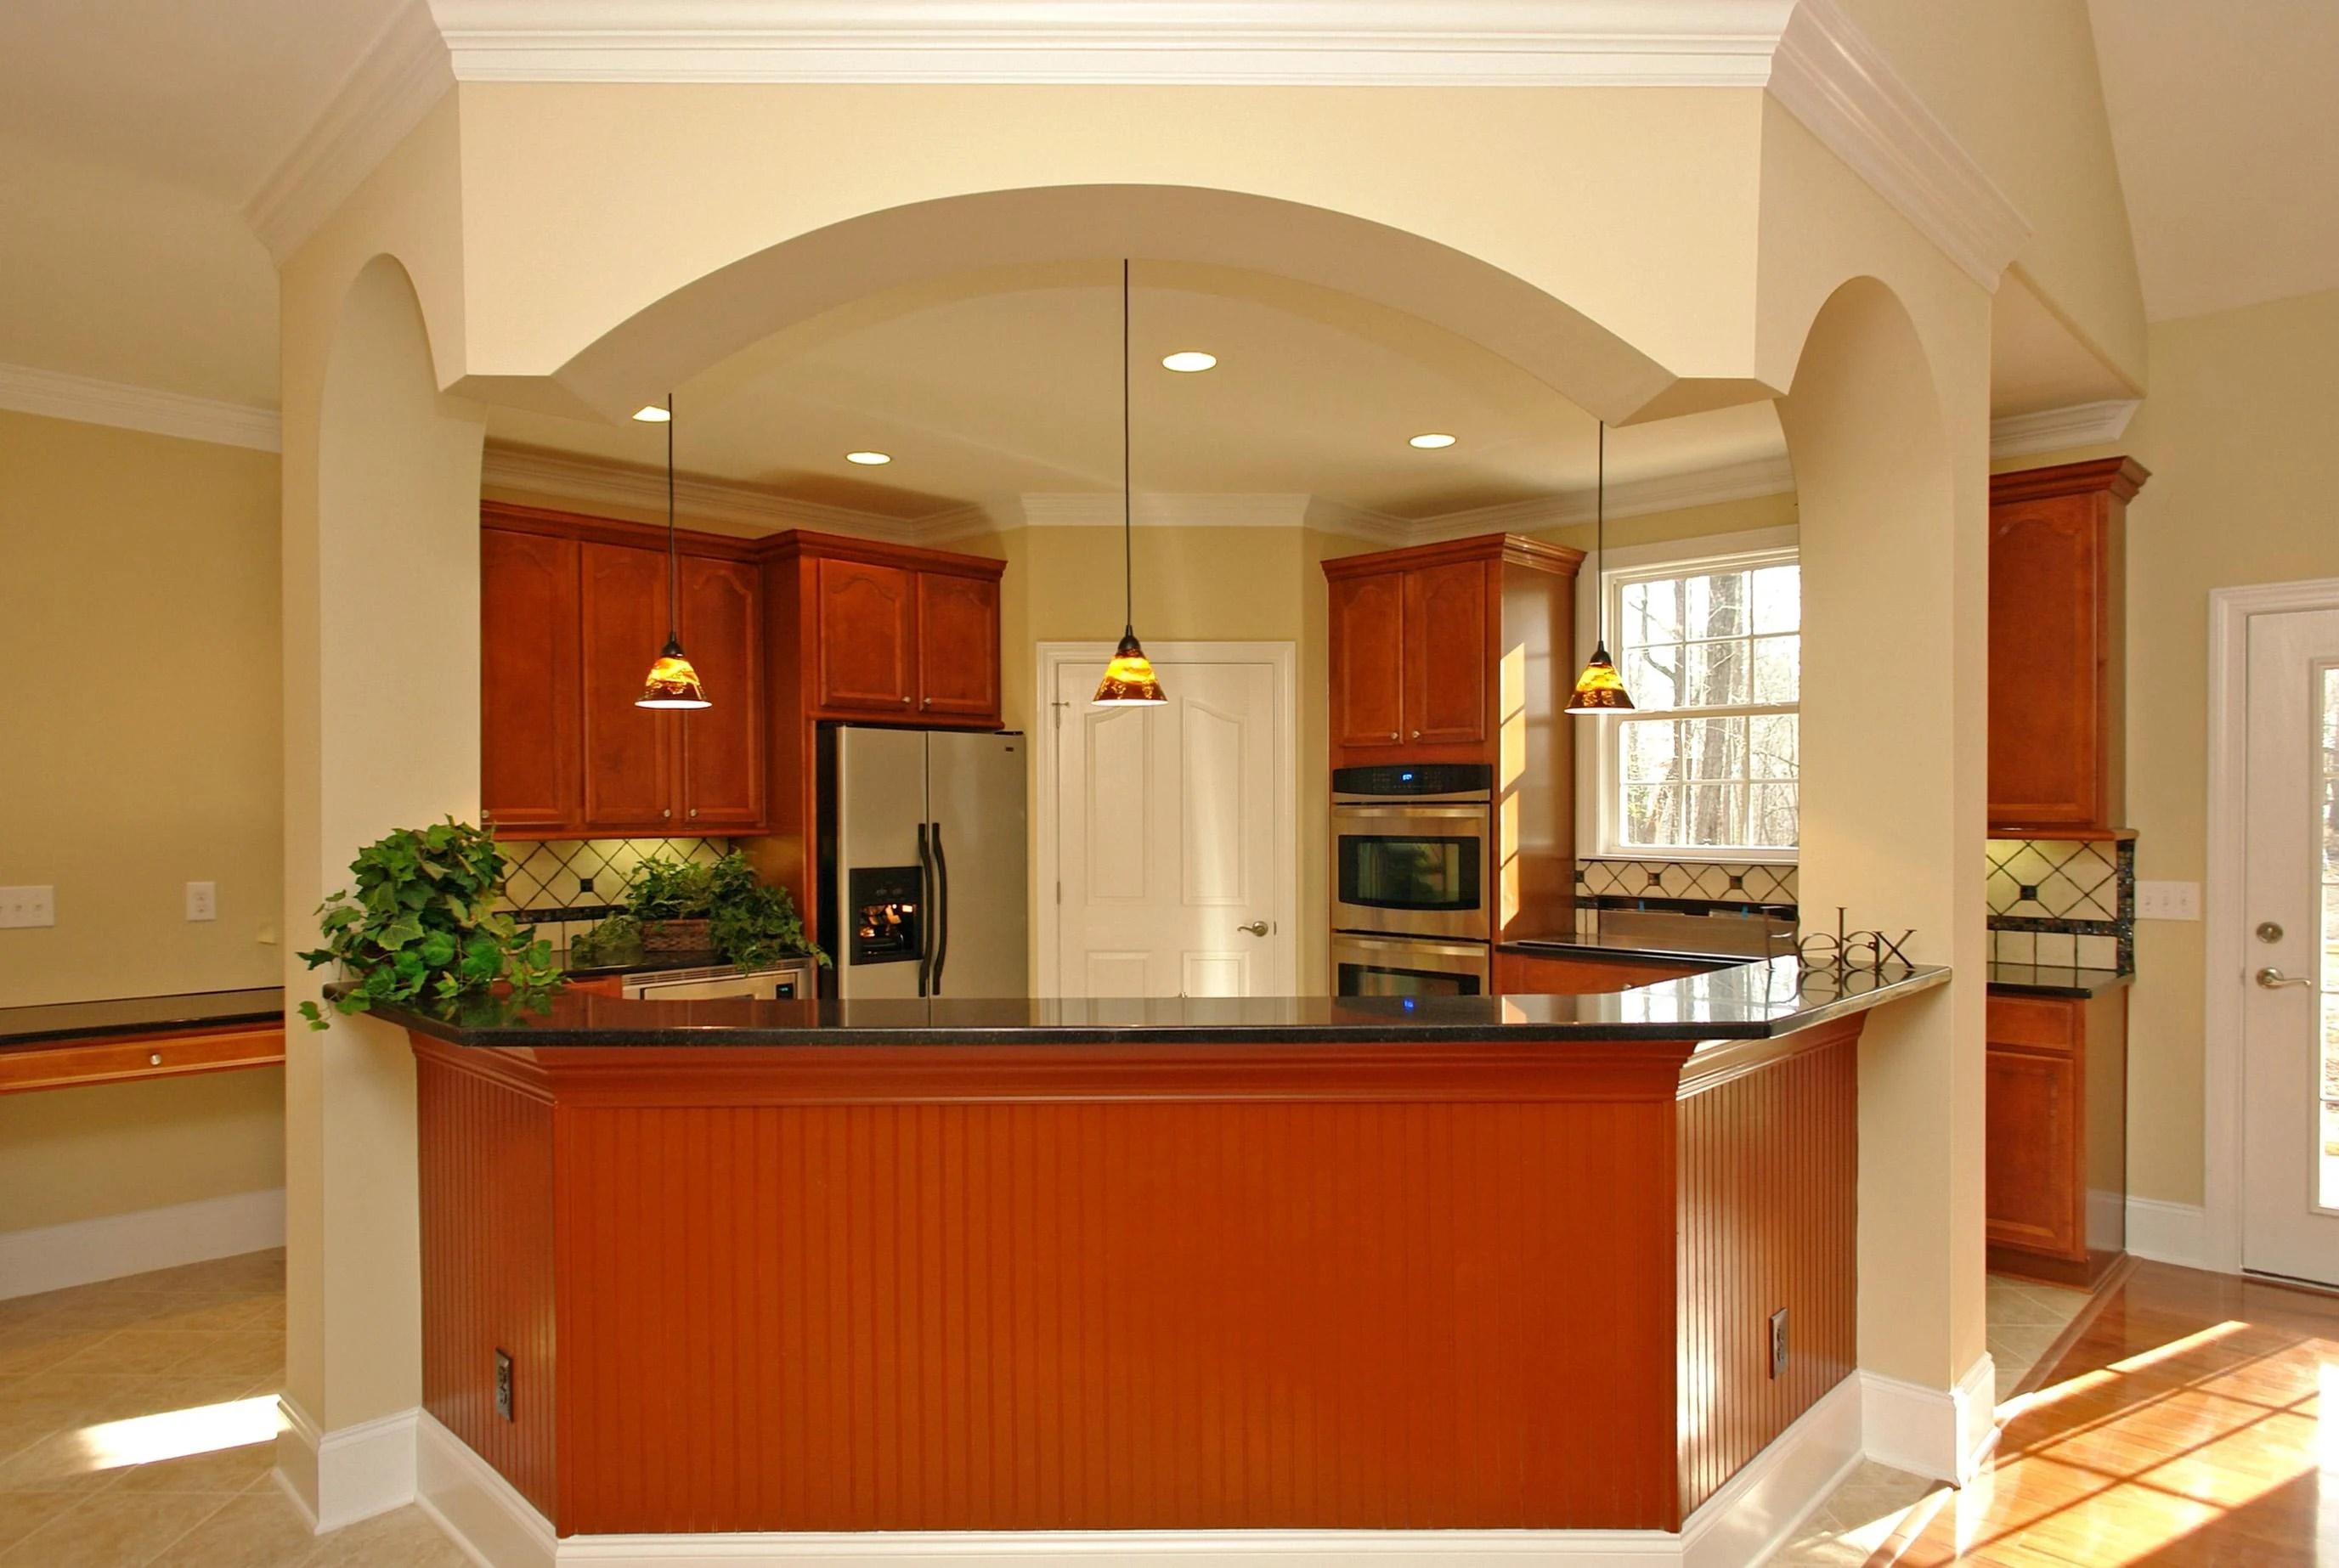 corner pantry kitchen ideas kitchen design ideas kitchen islands kitchen ideas design cabinets islands